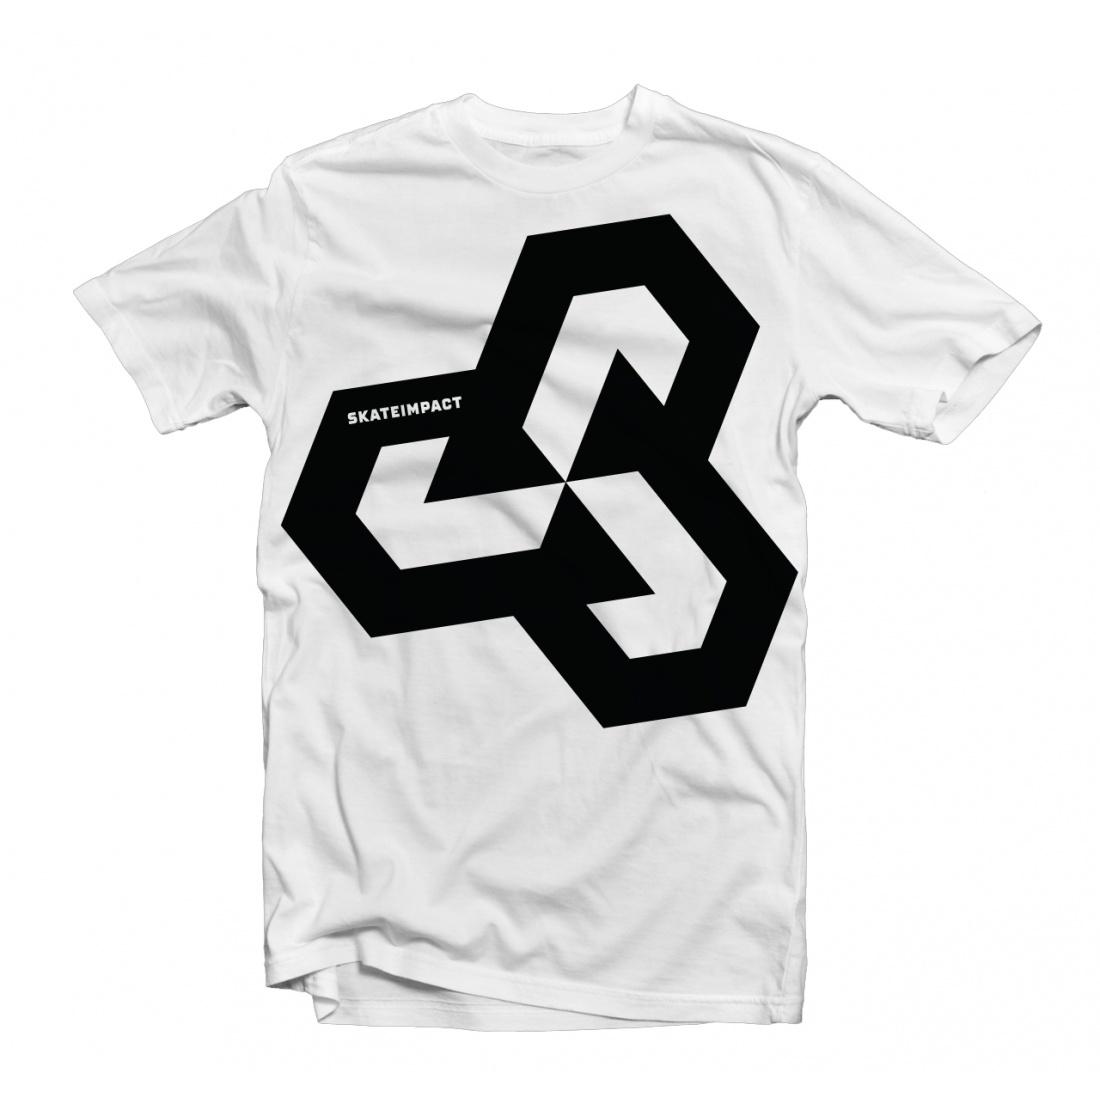 Skateimpact Giant Icon Black on White Tshirt